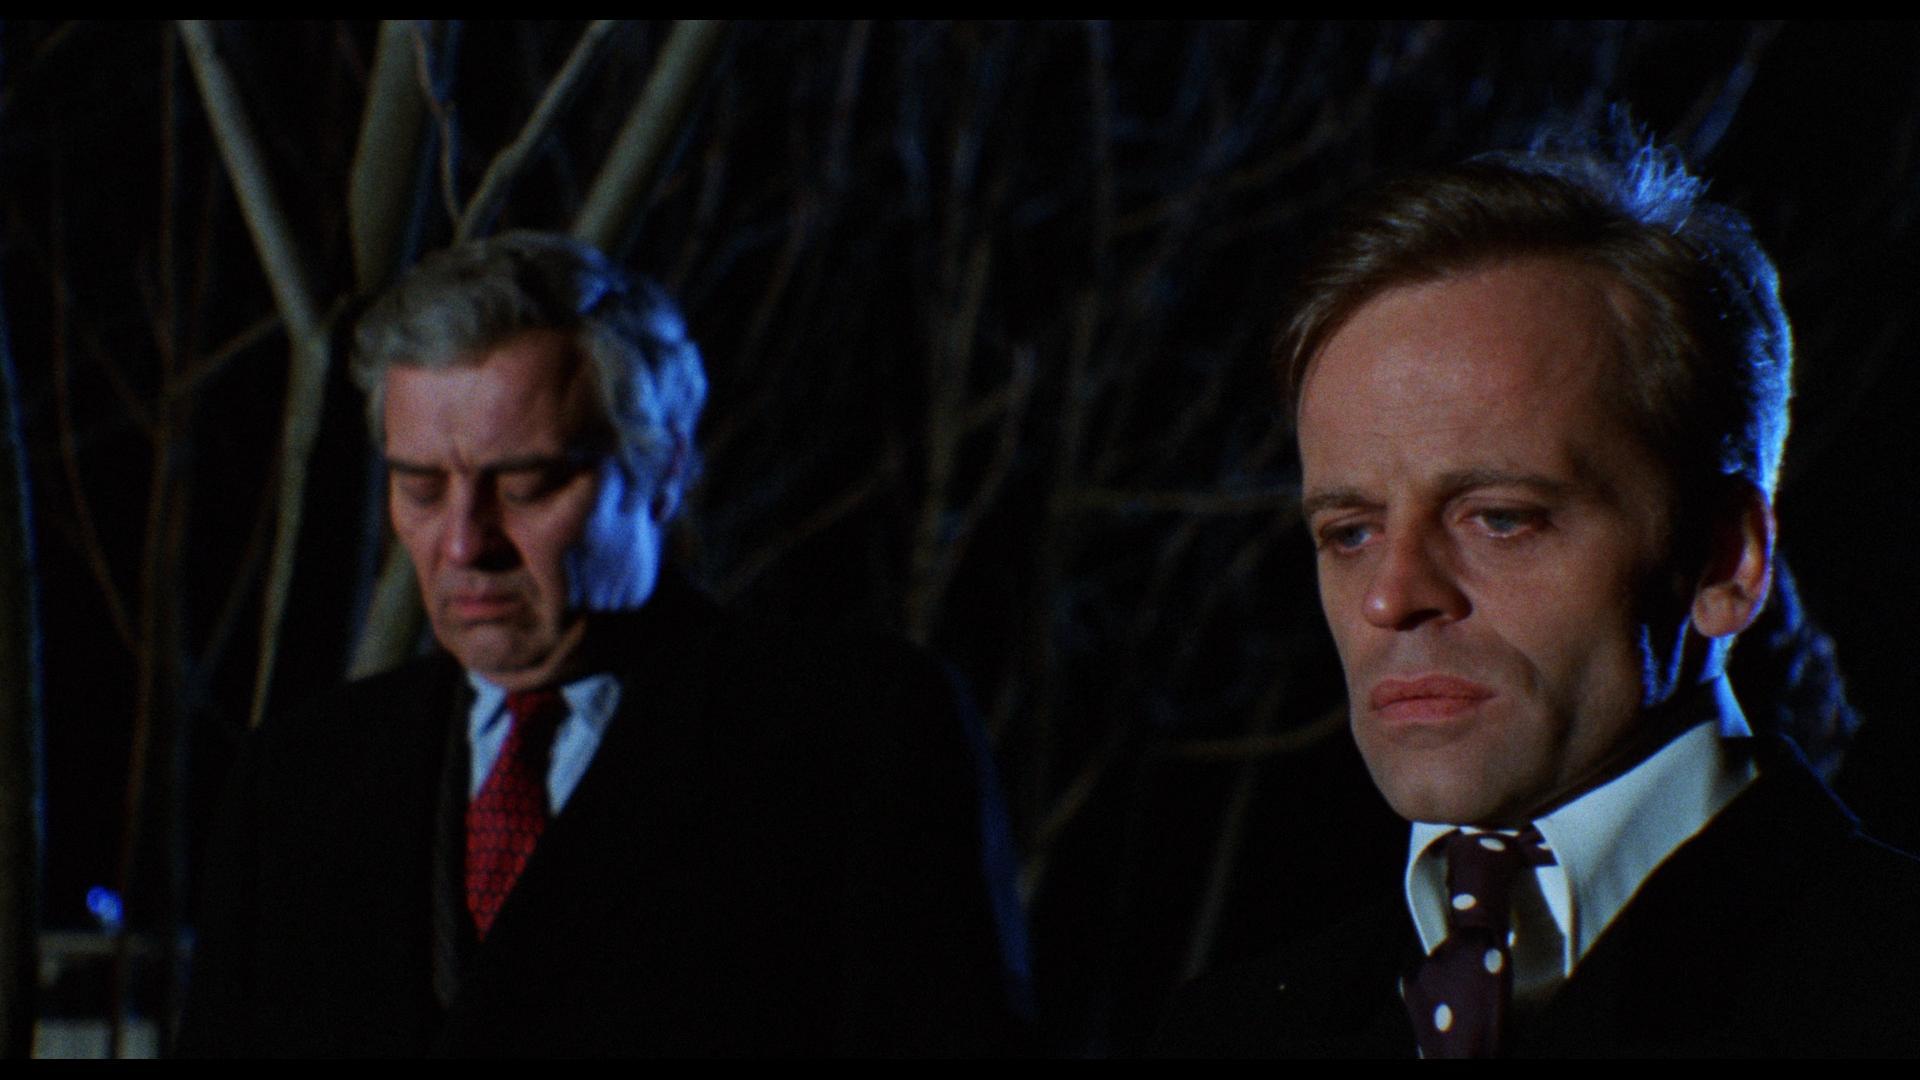 Klaus Kinski and Sydney Chaplin in A doppia faccia (1969)